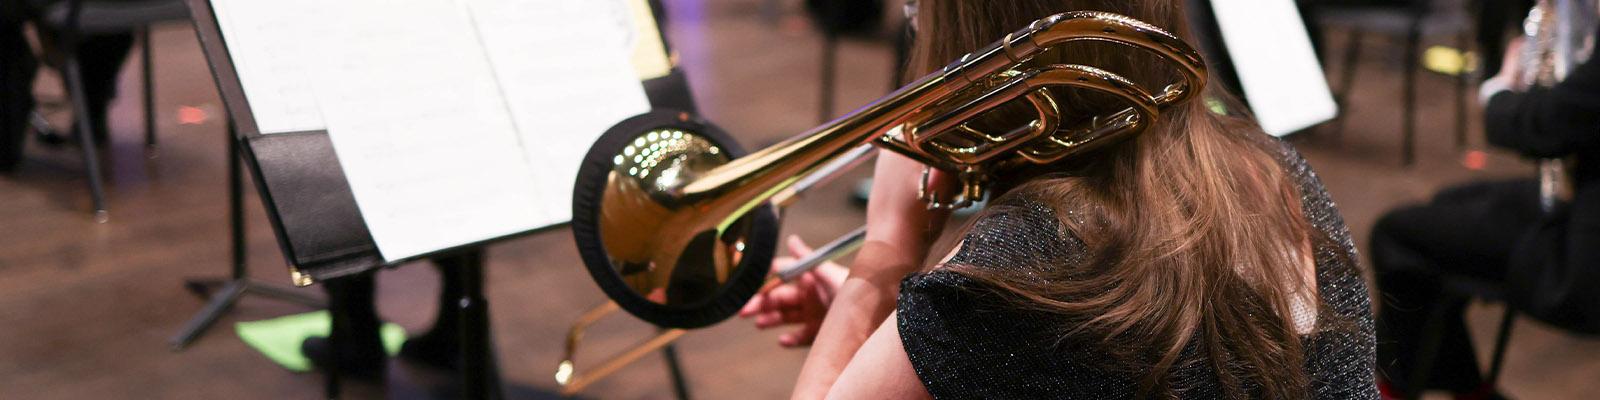 Studnet plays an instrument